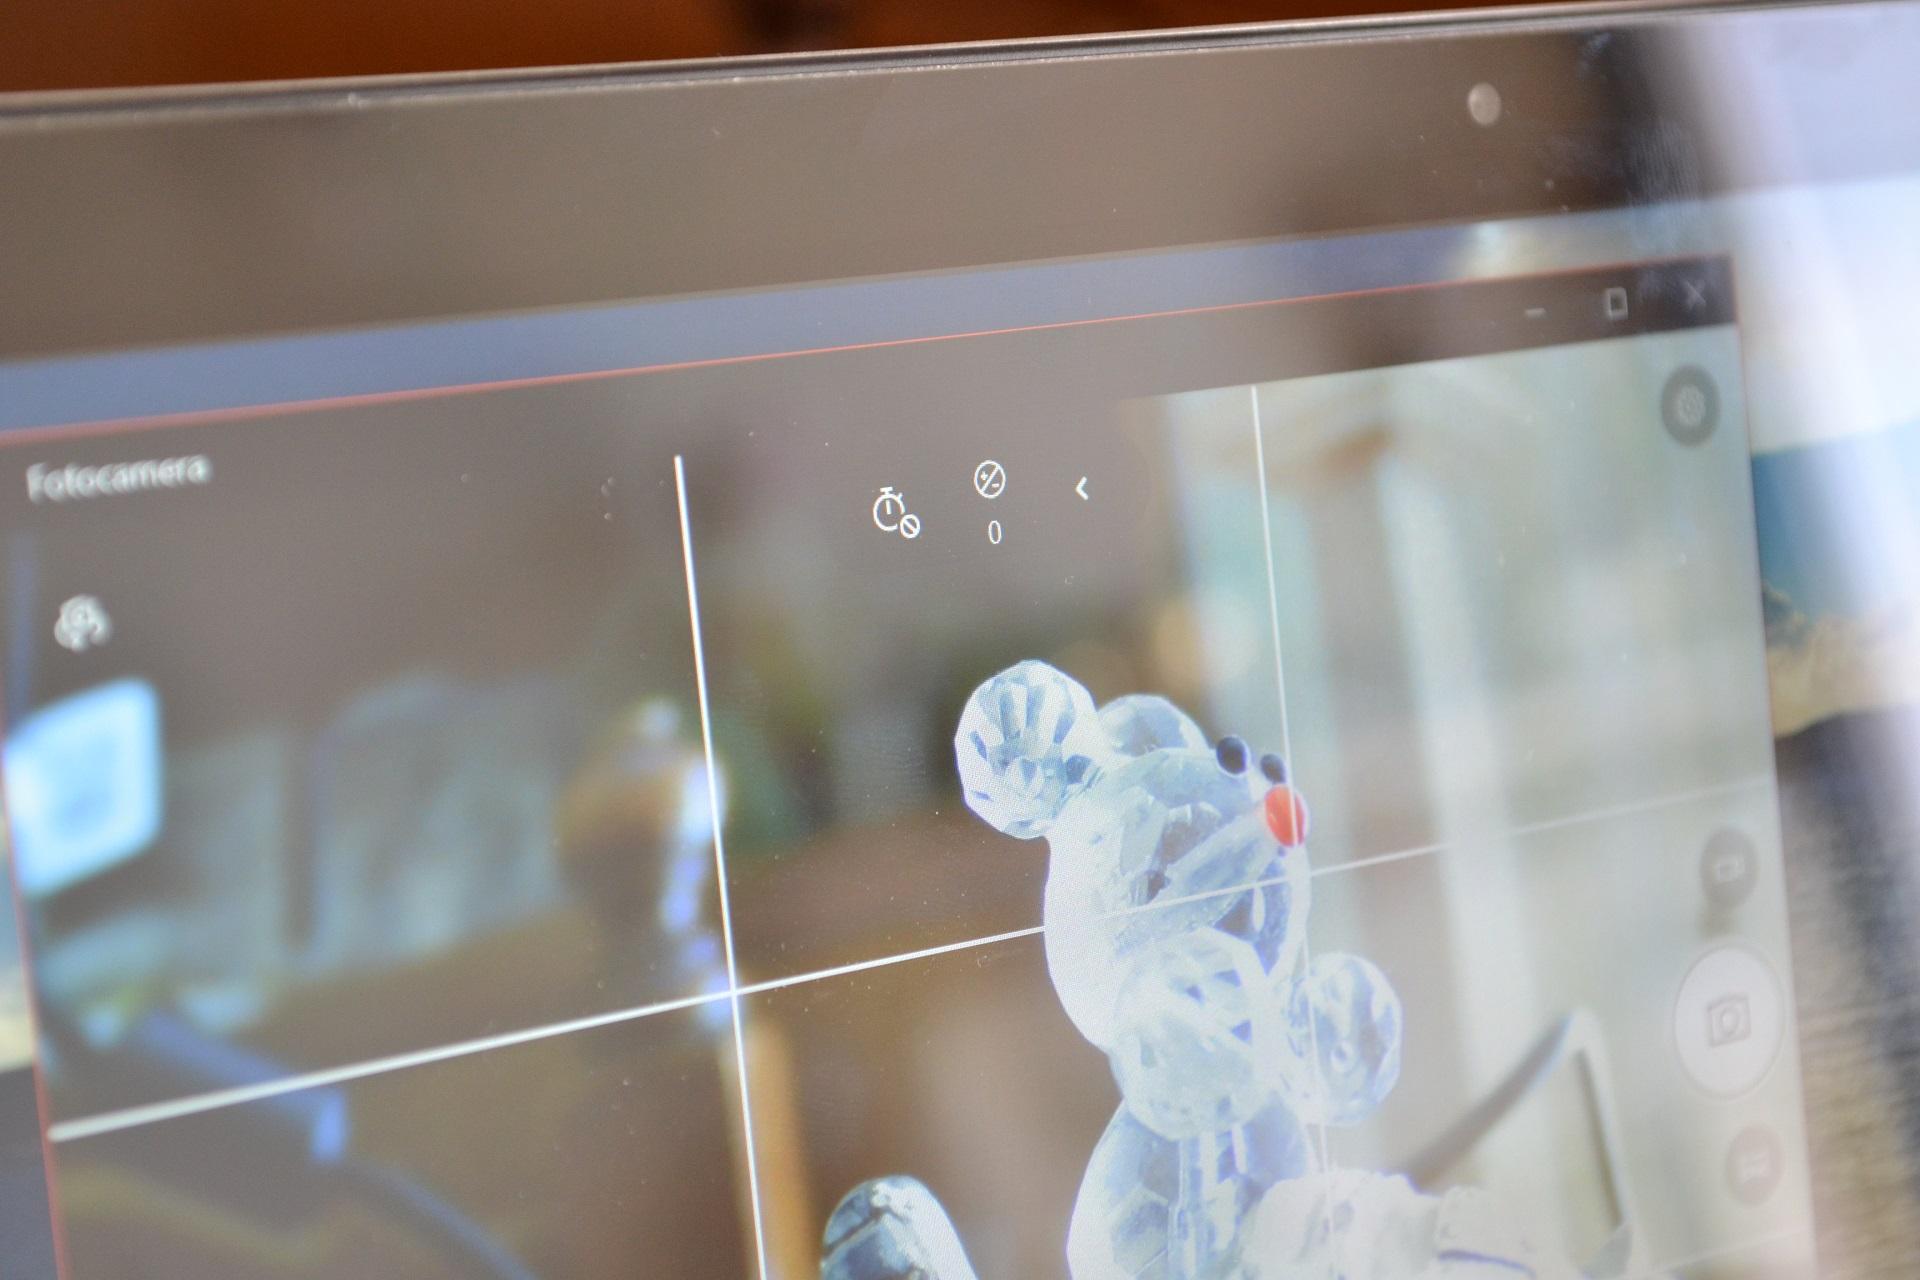 Webcam 2K Aukey app Fotocamera Windows 10